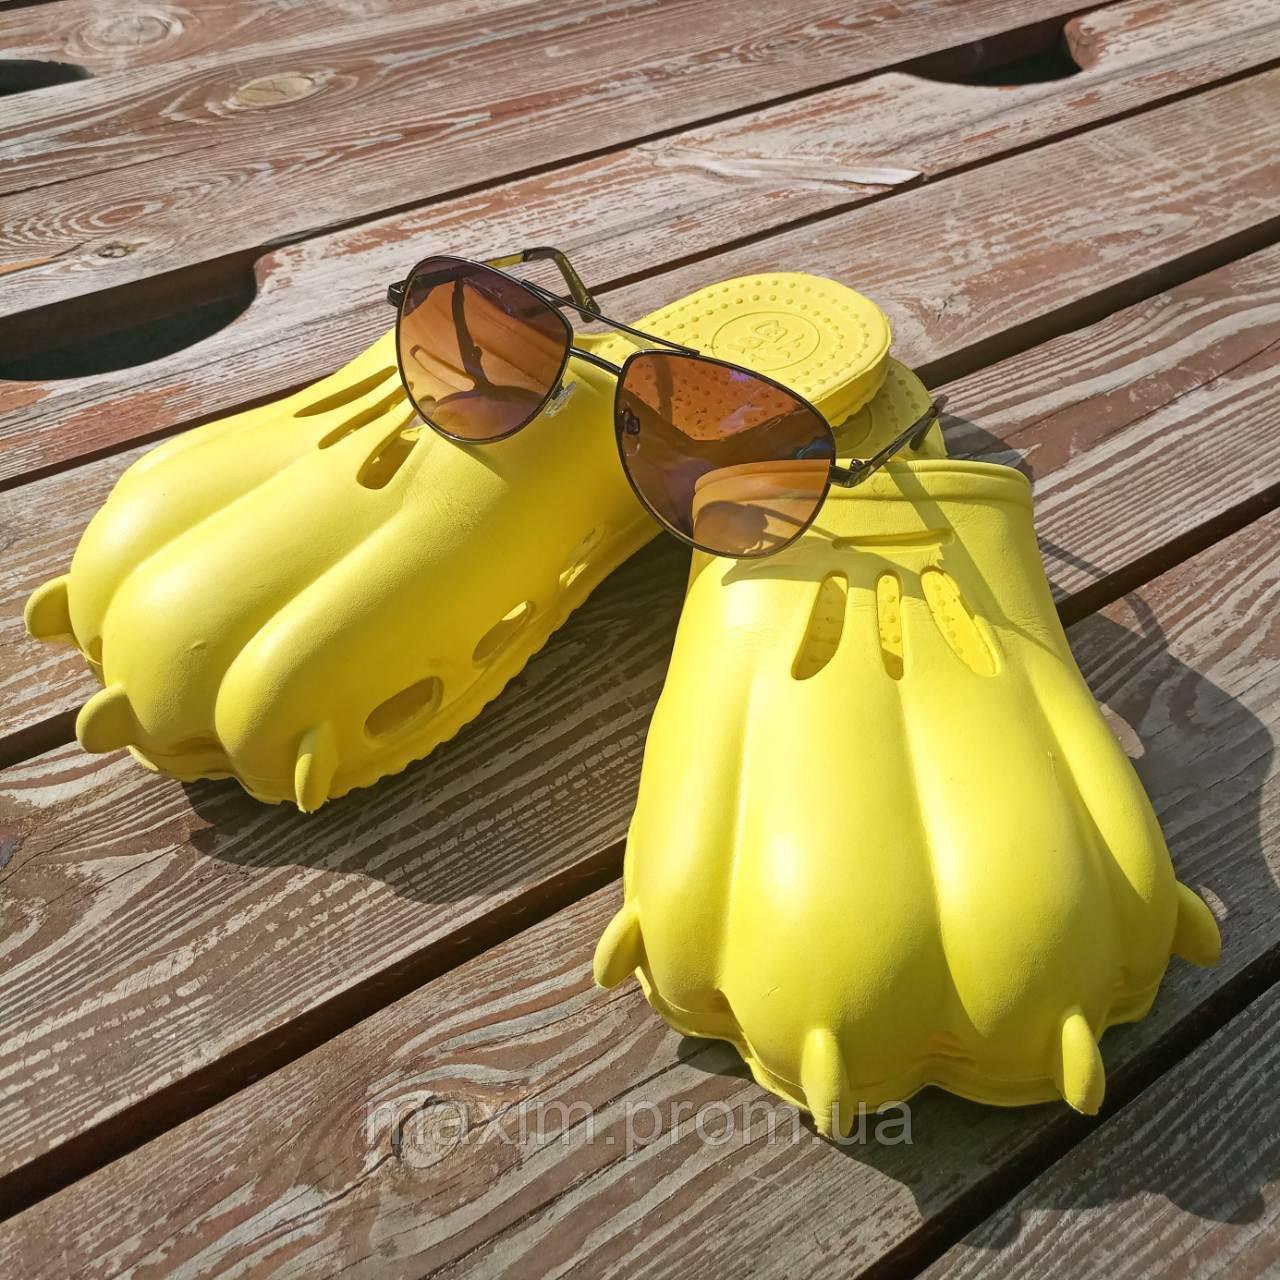 Женская и мужская летняя пляжная обувь сабо Коготь унисекс,размеры 35 - 43(европейские)